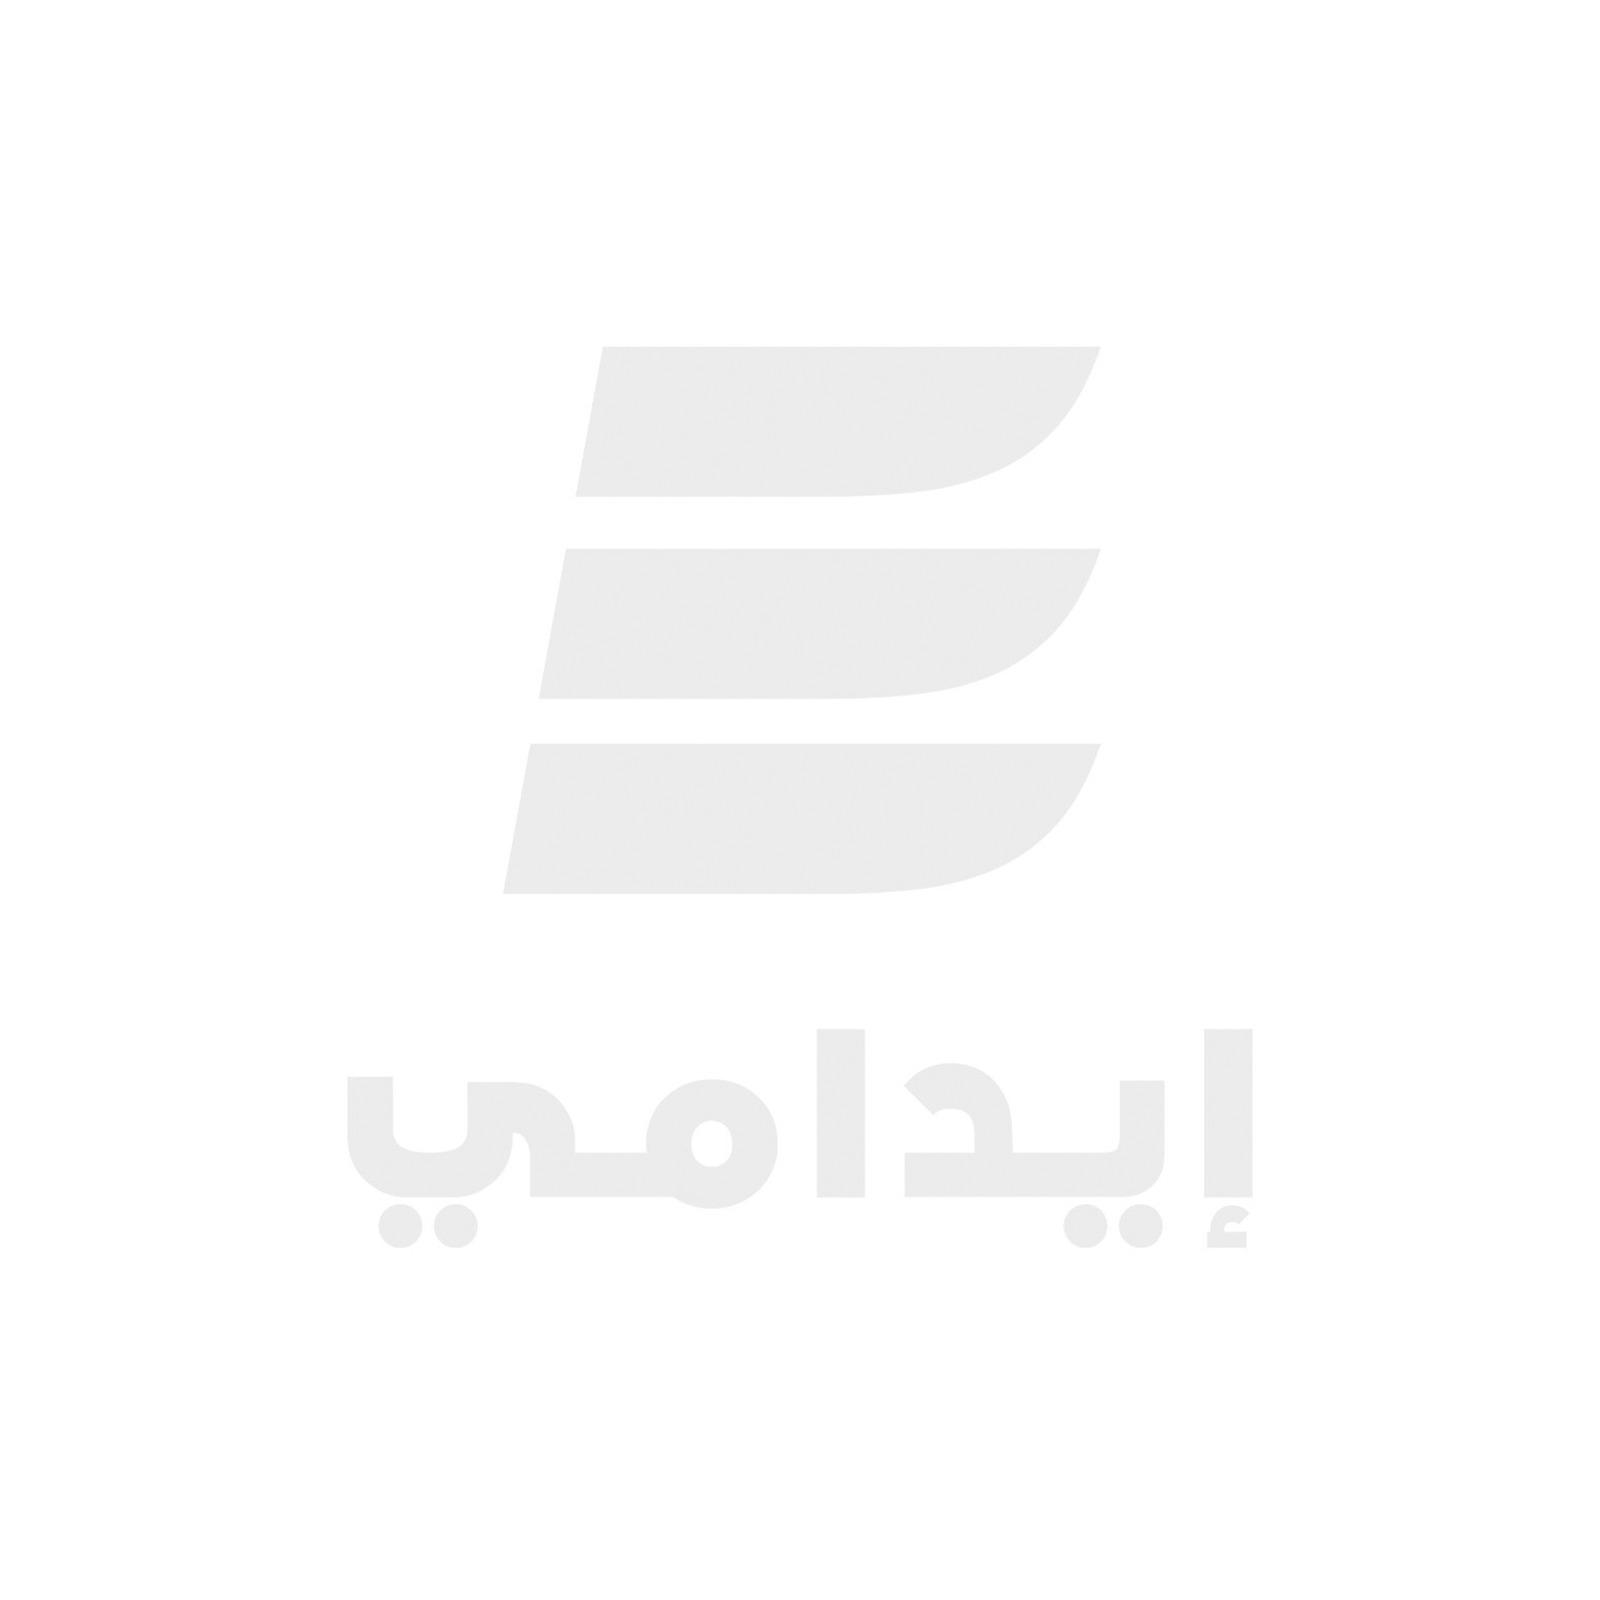 Lamb Riyash - Lumi